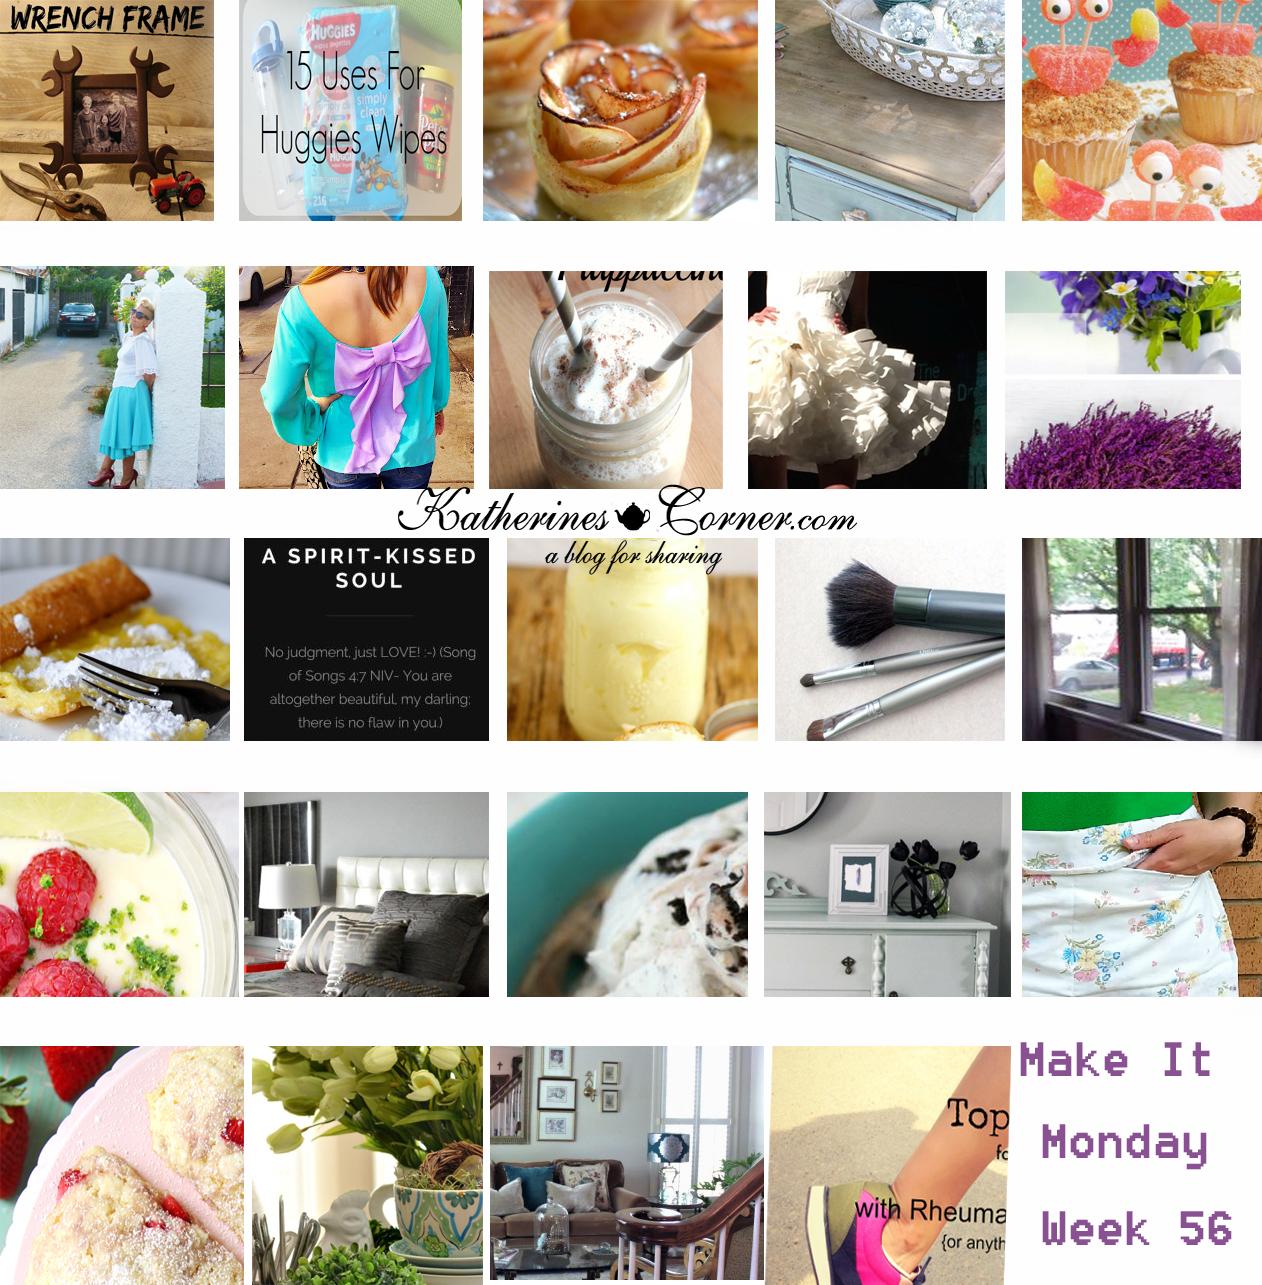 Make It Monday Week Fifty Six